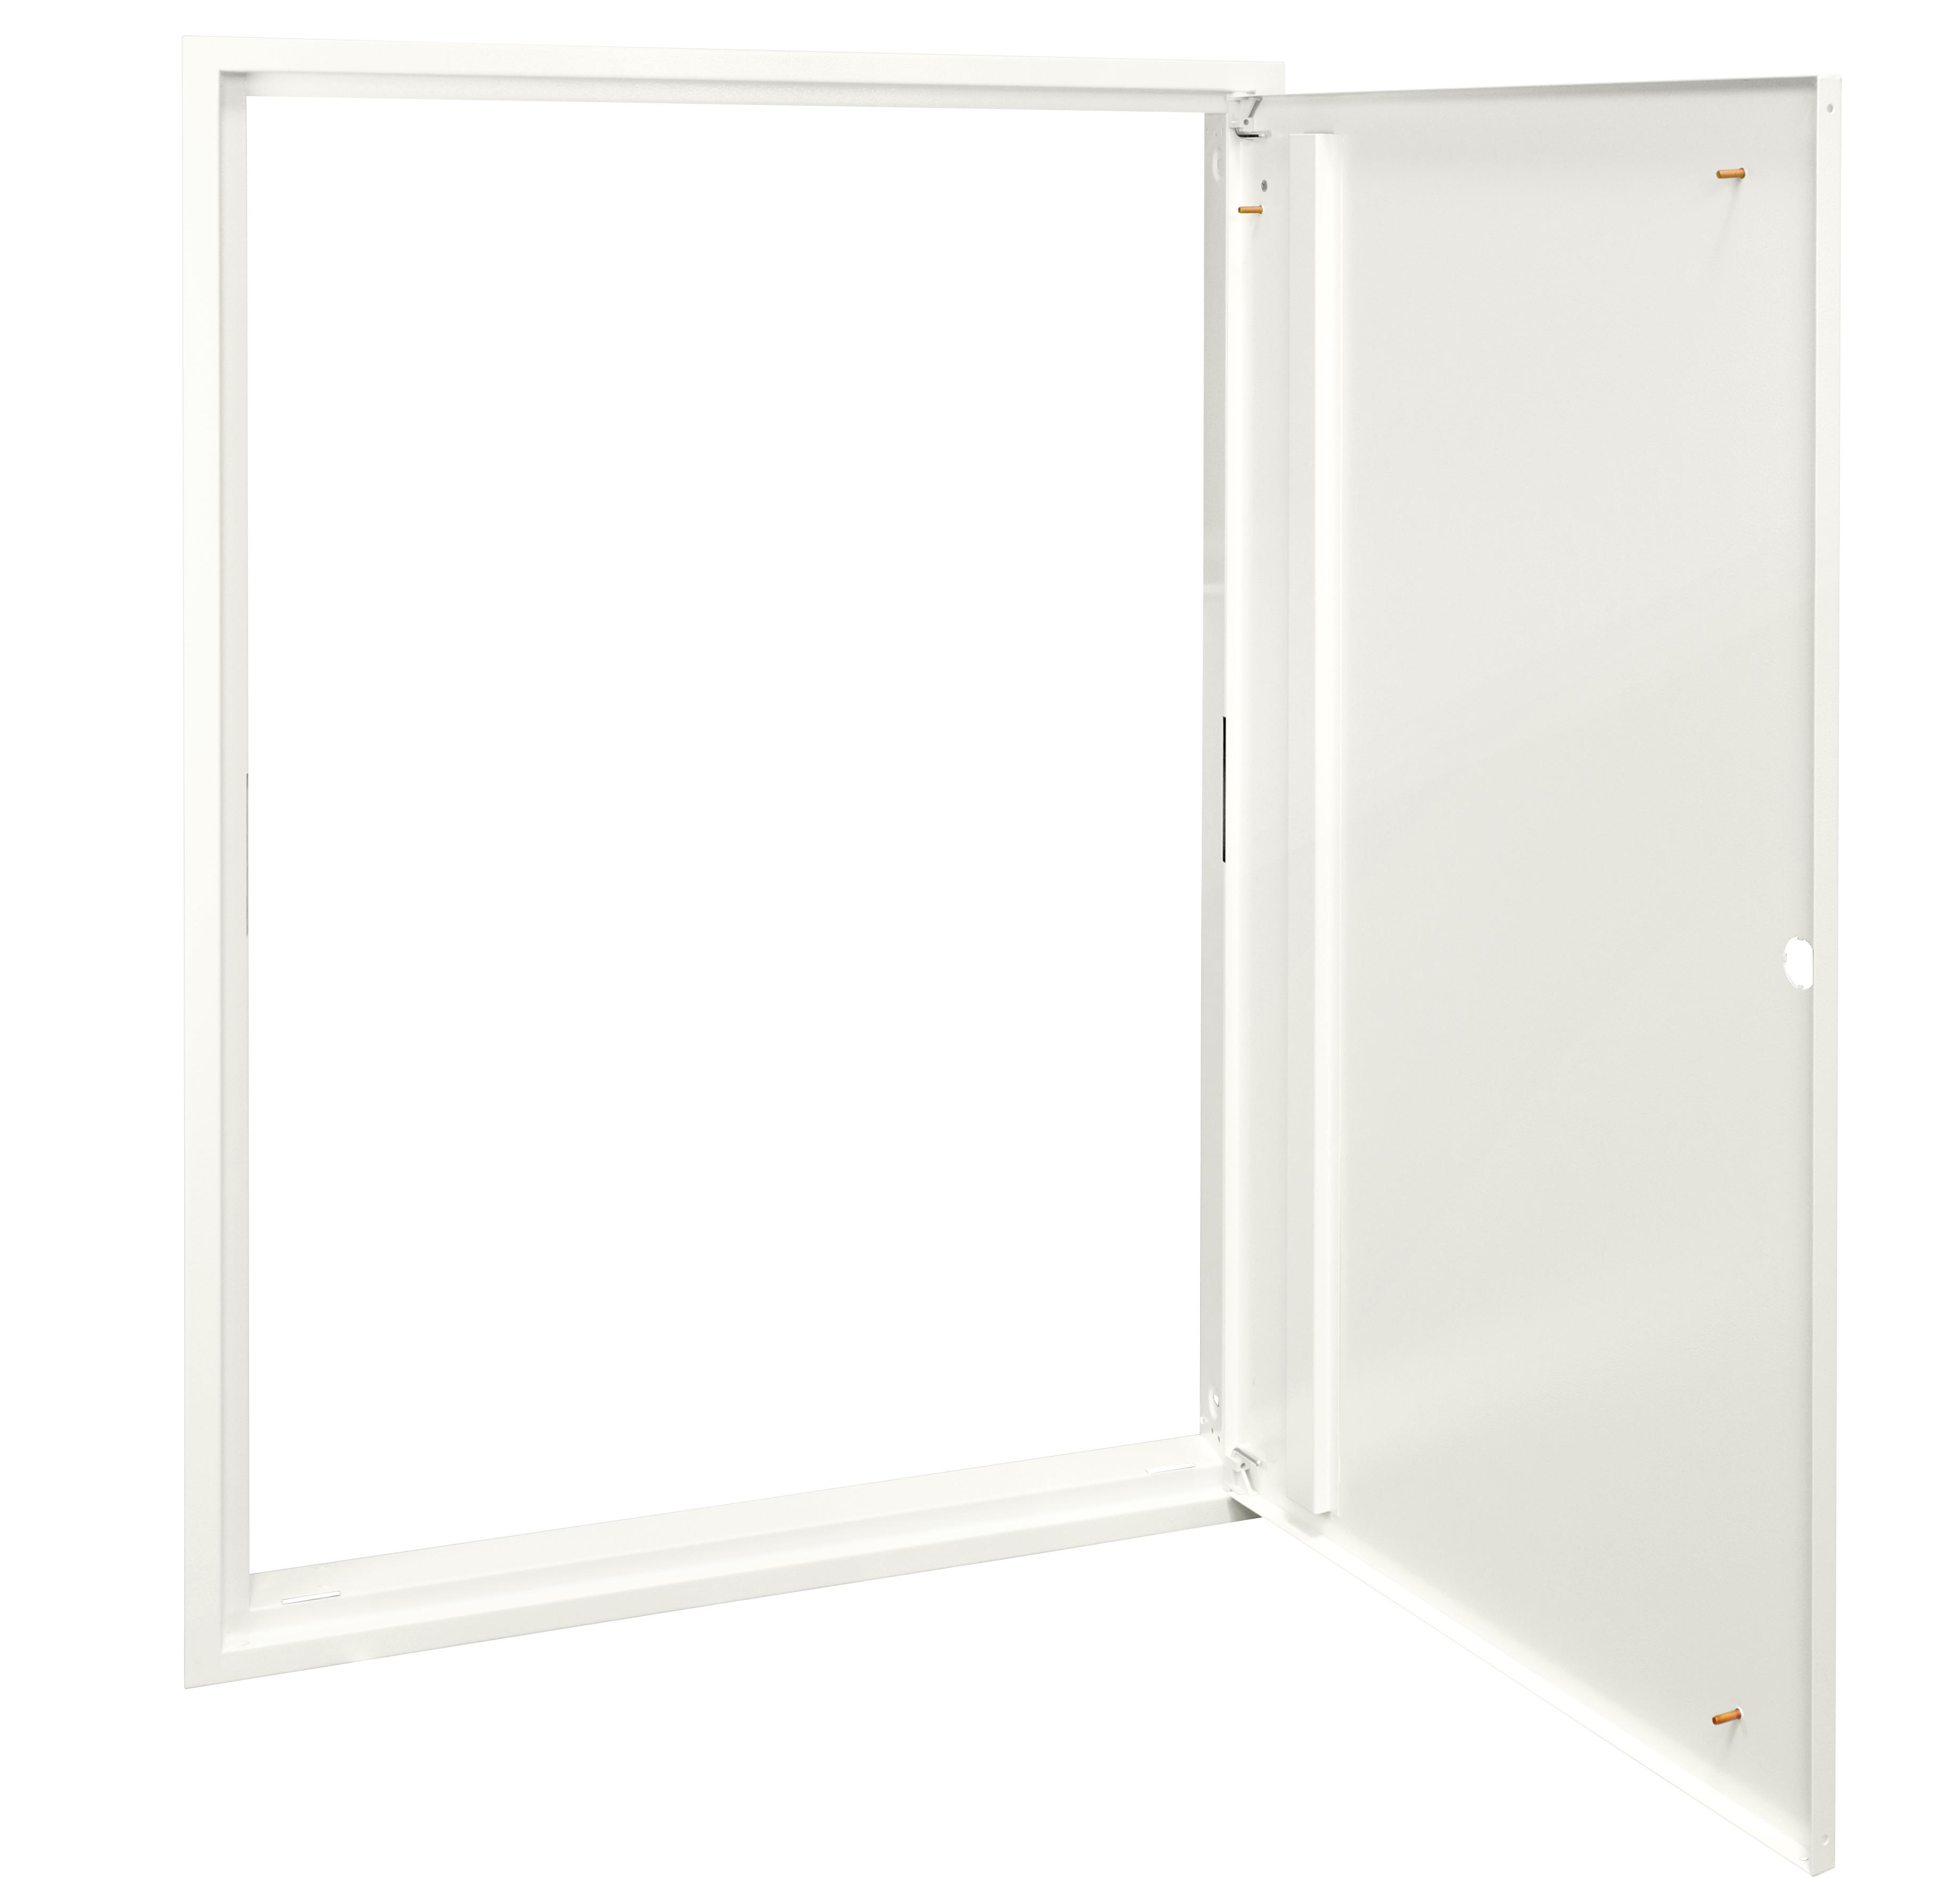 1 Stk Unterputz-Rahmen mit Türe S3 1U-07 IL308107-F